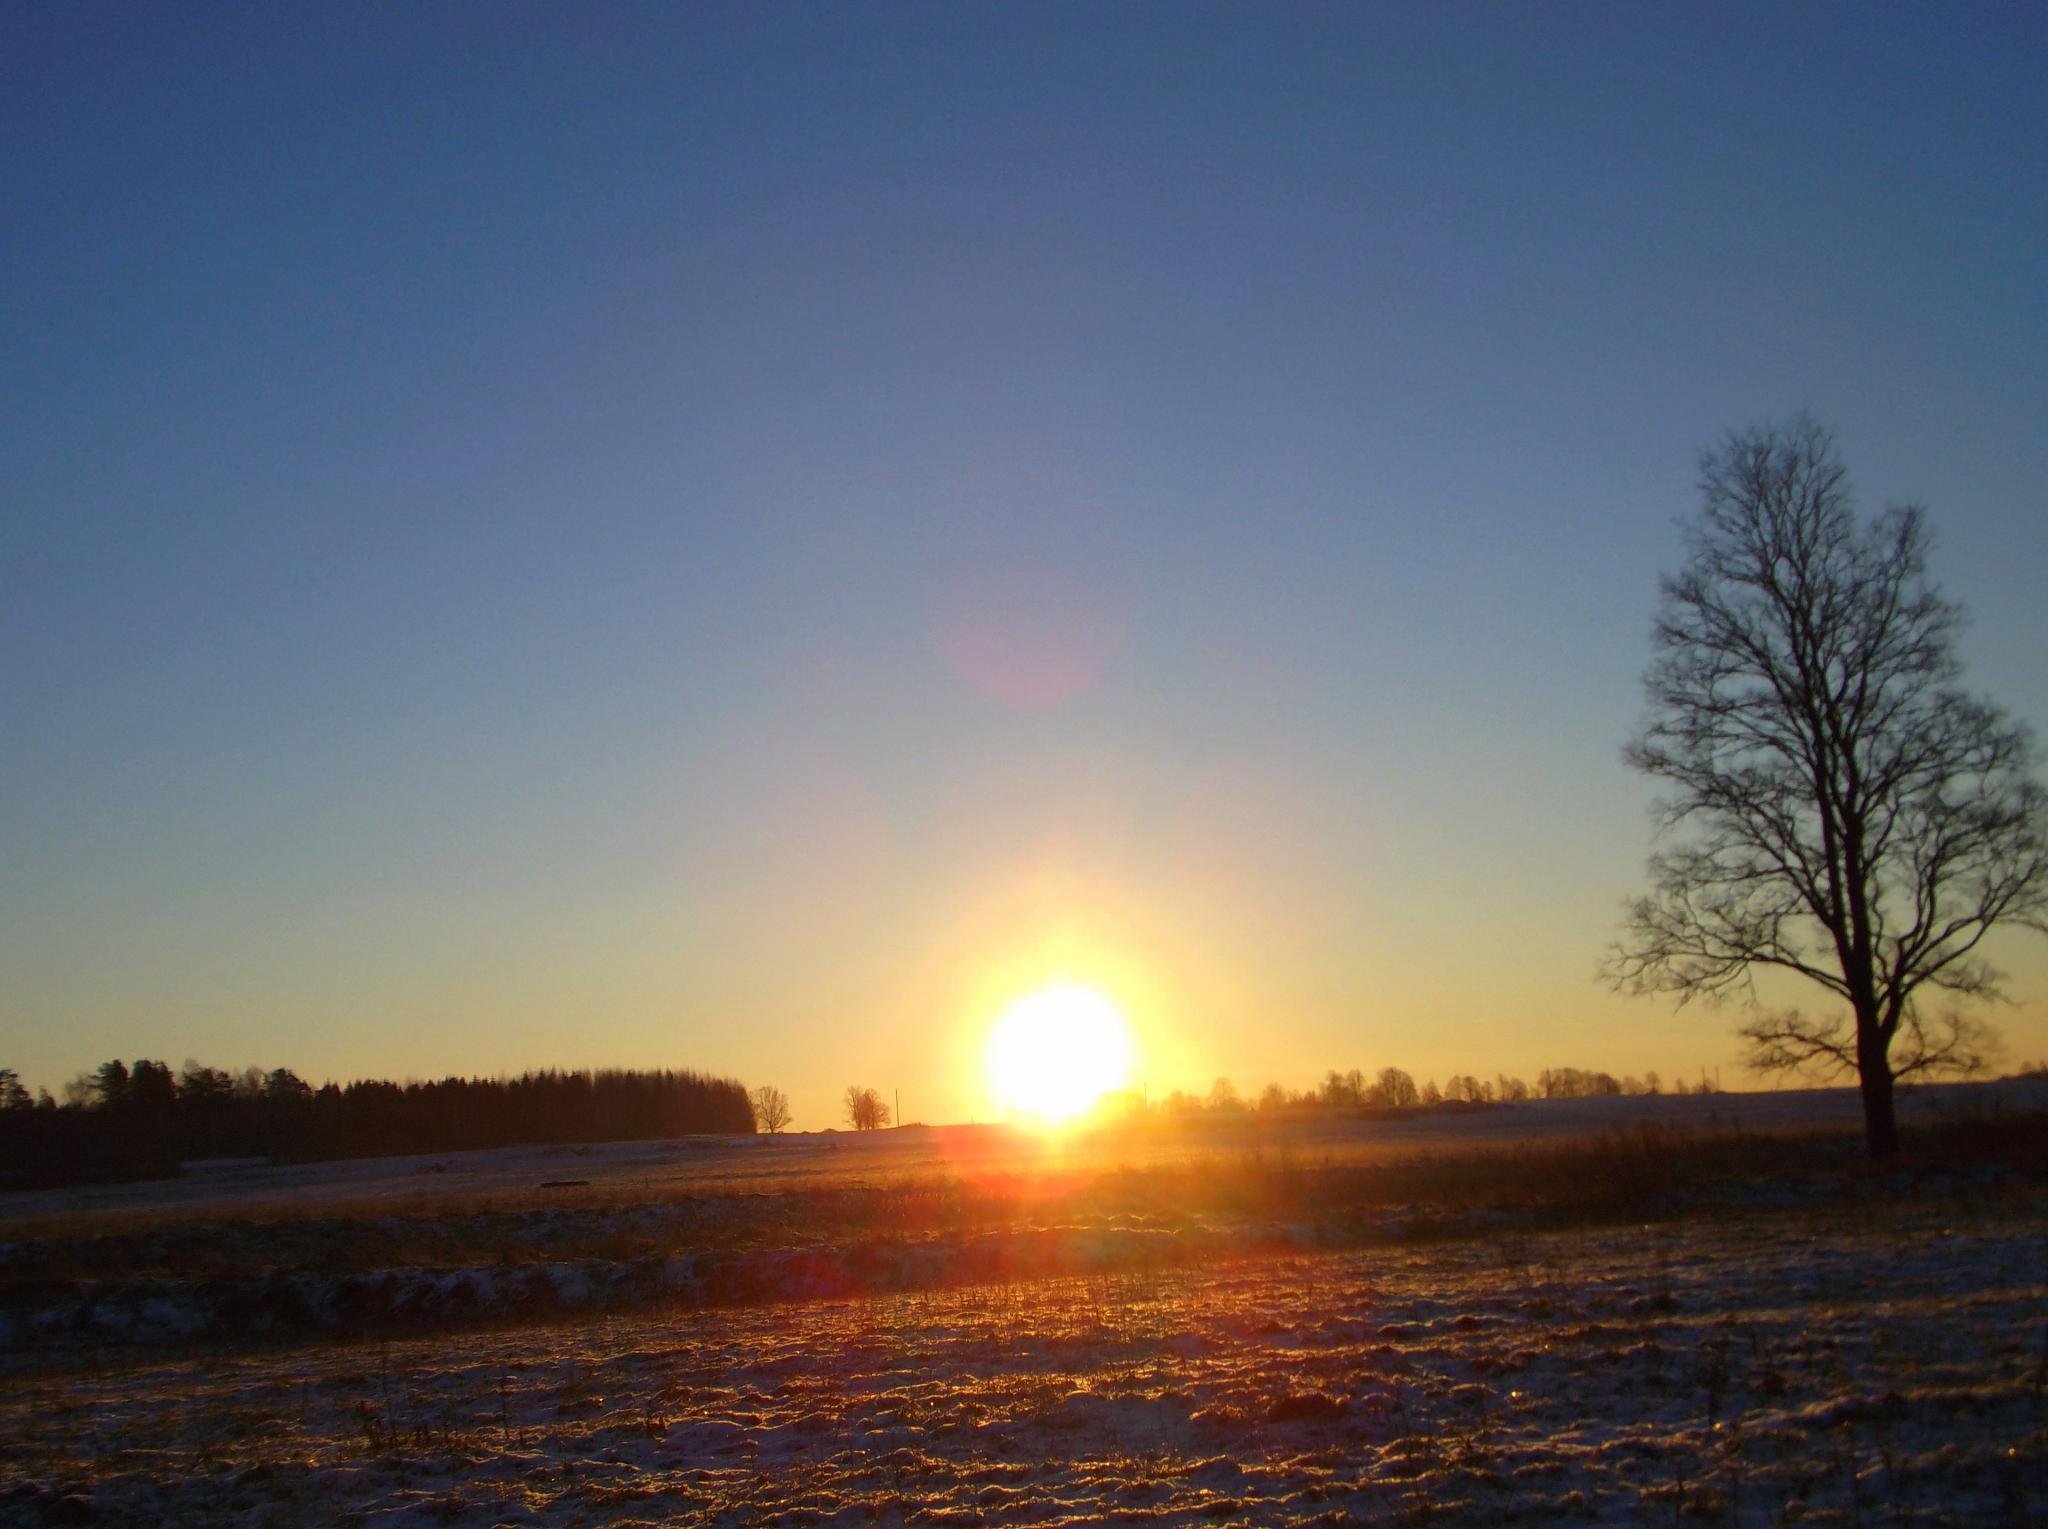 Sunrise by Zita Užkuraitienė